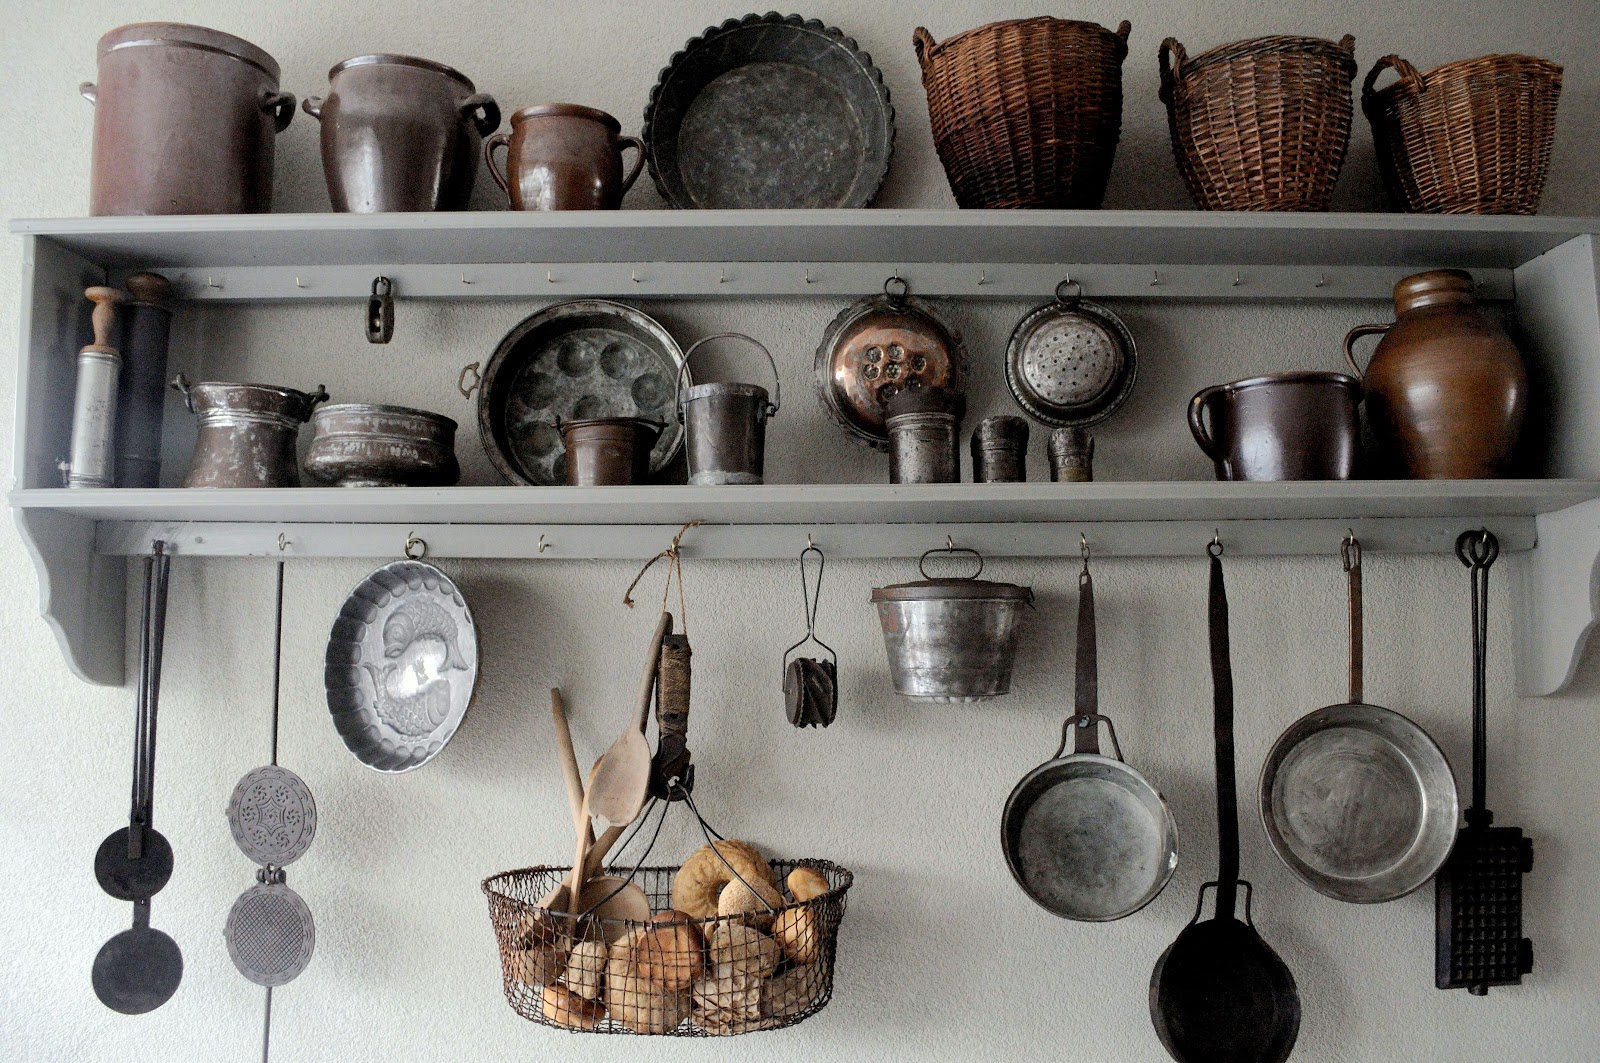 Keukenrek Staand : Natuurlijk ontbreken de manden en